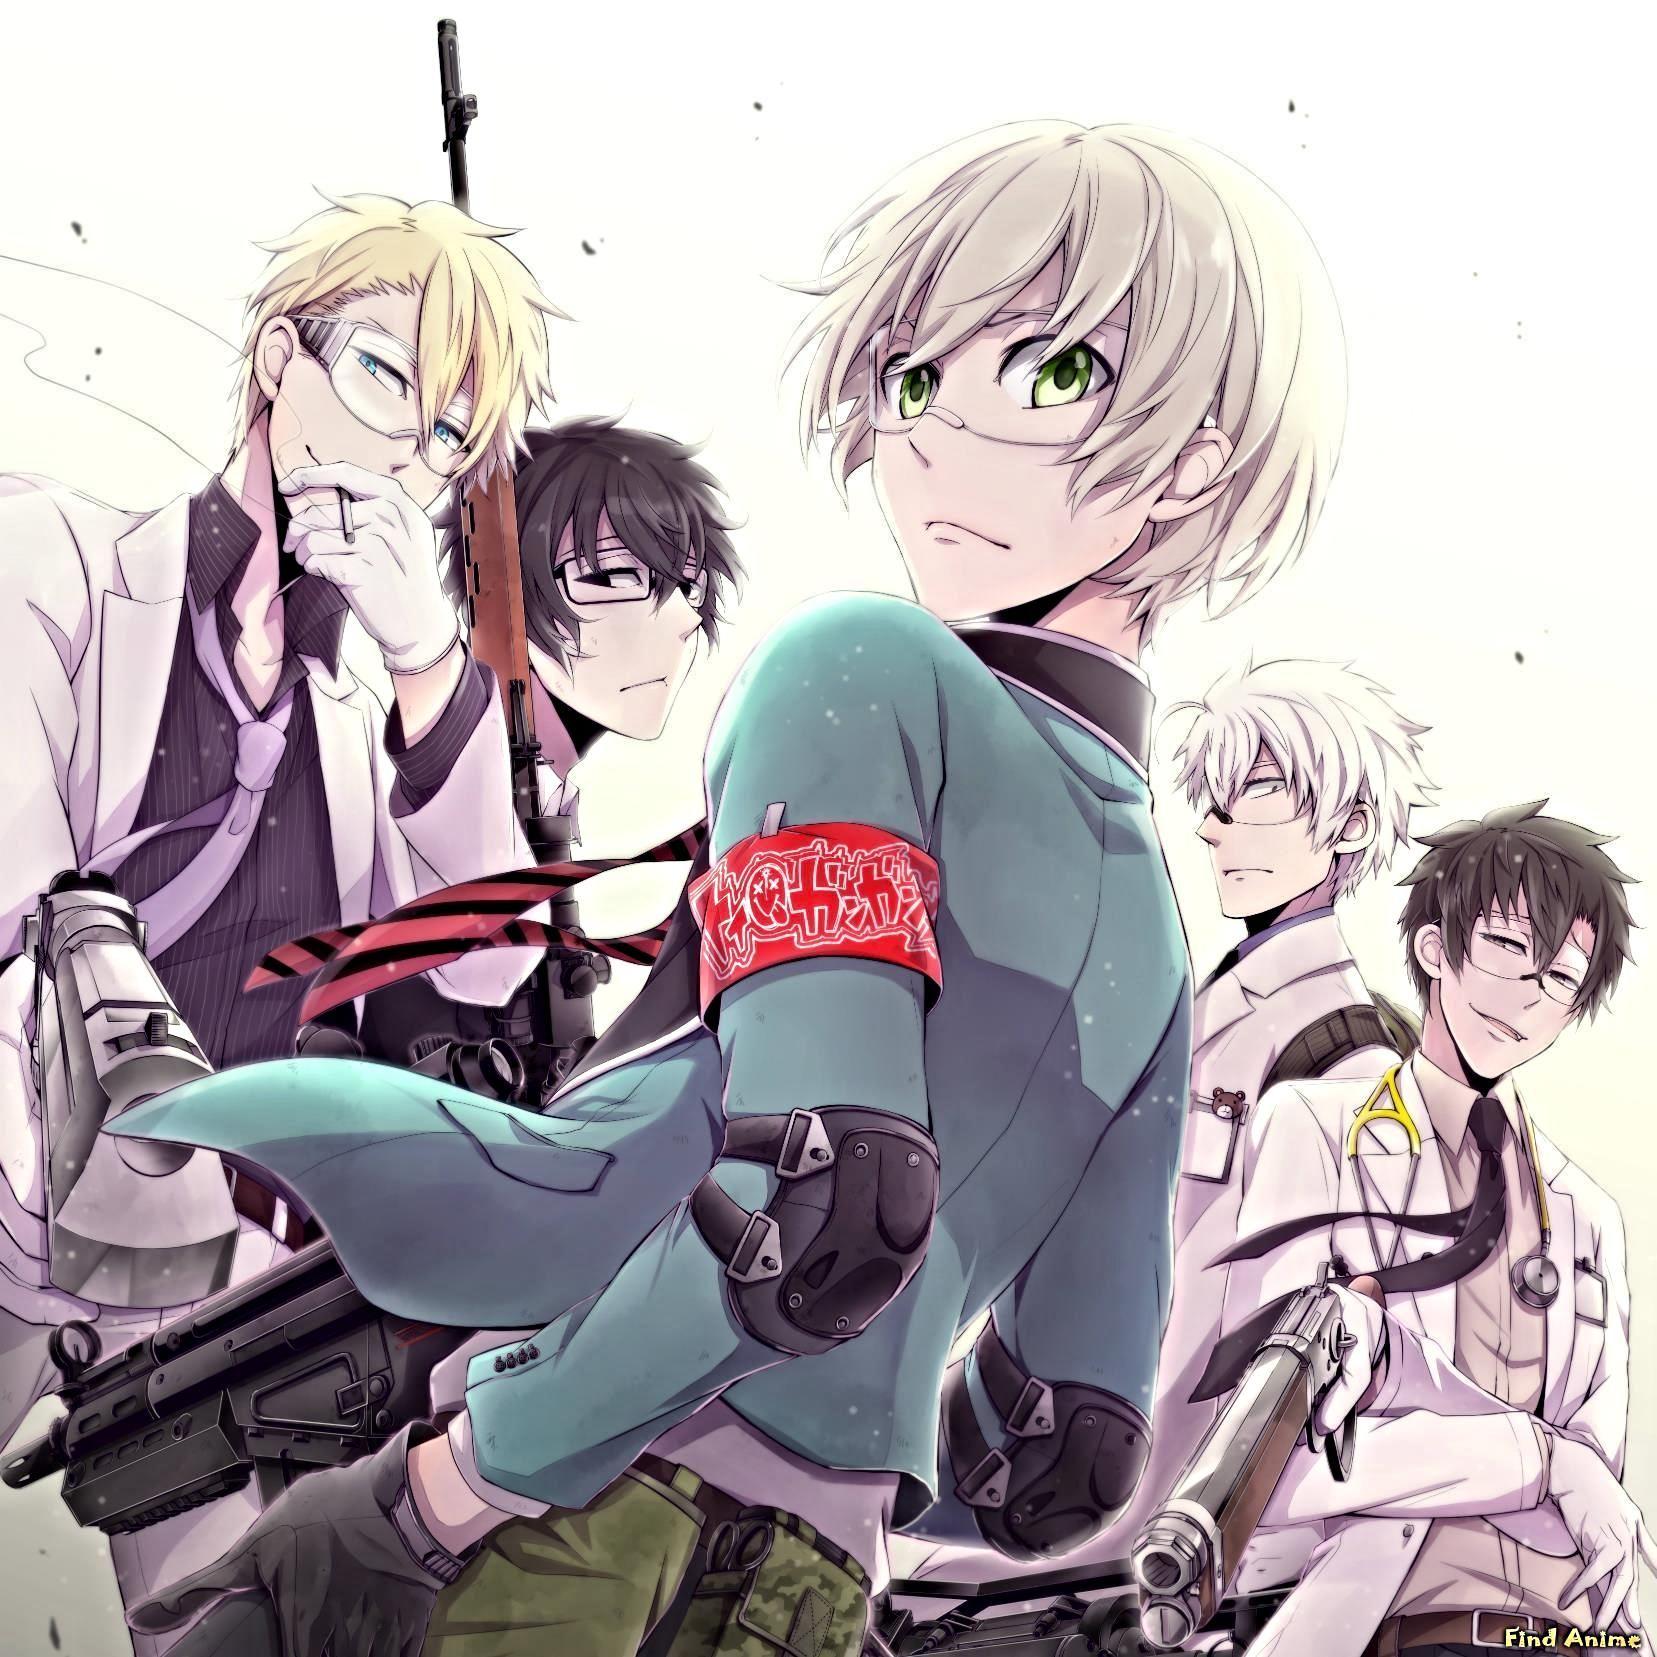 Aoharu x Kikanjuu Google Search Anime, Cosplay anime